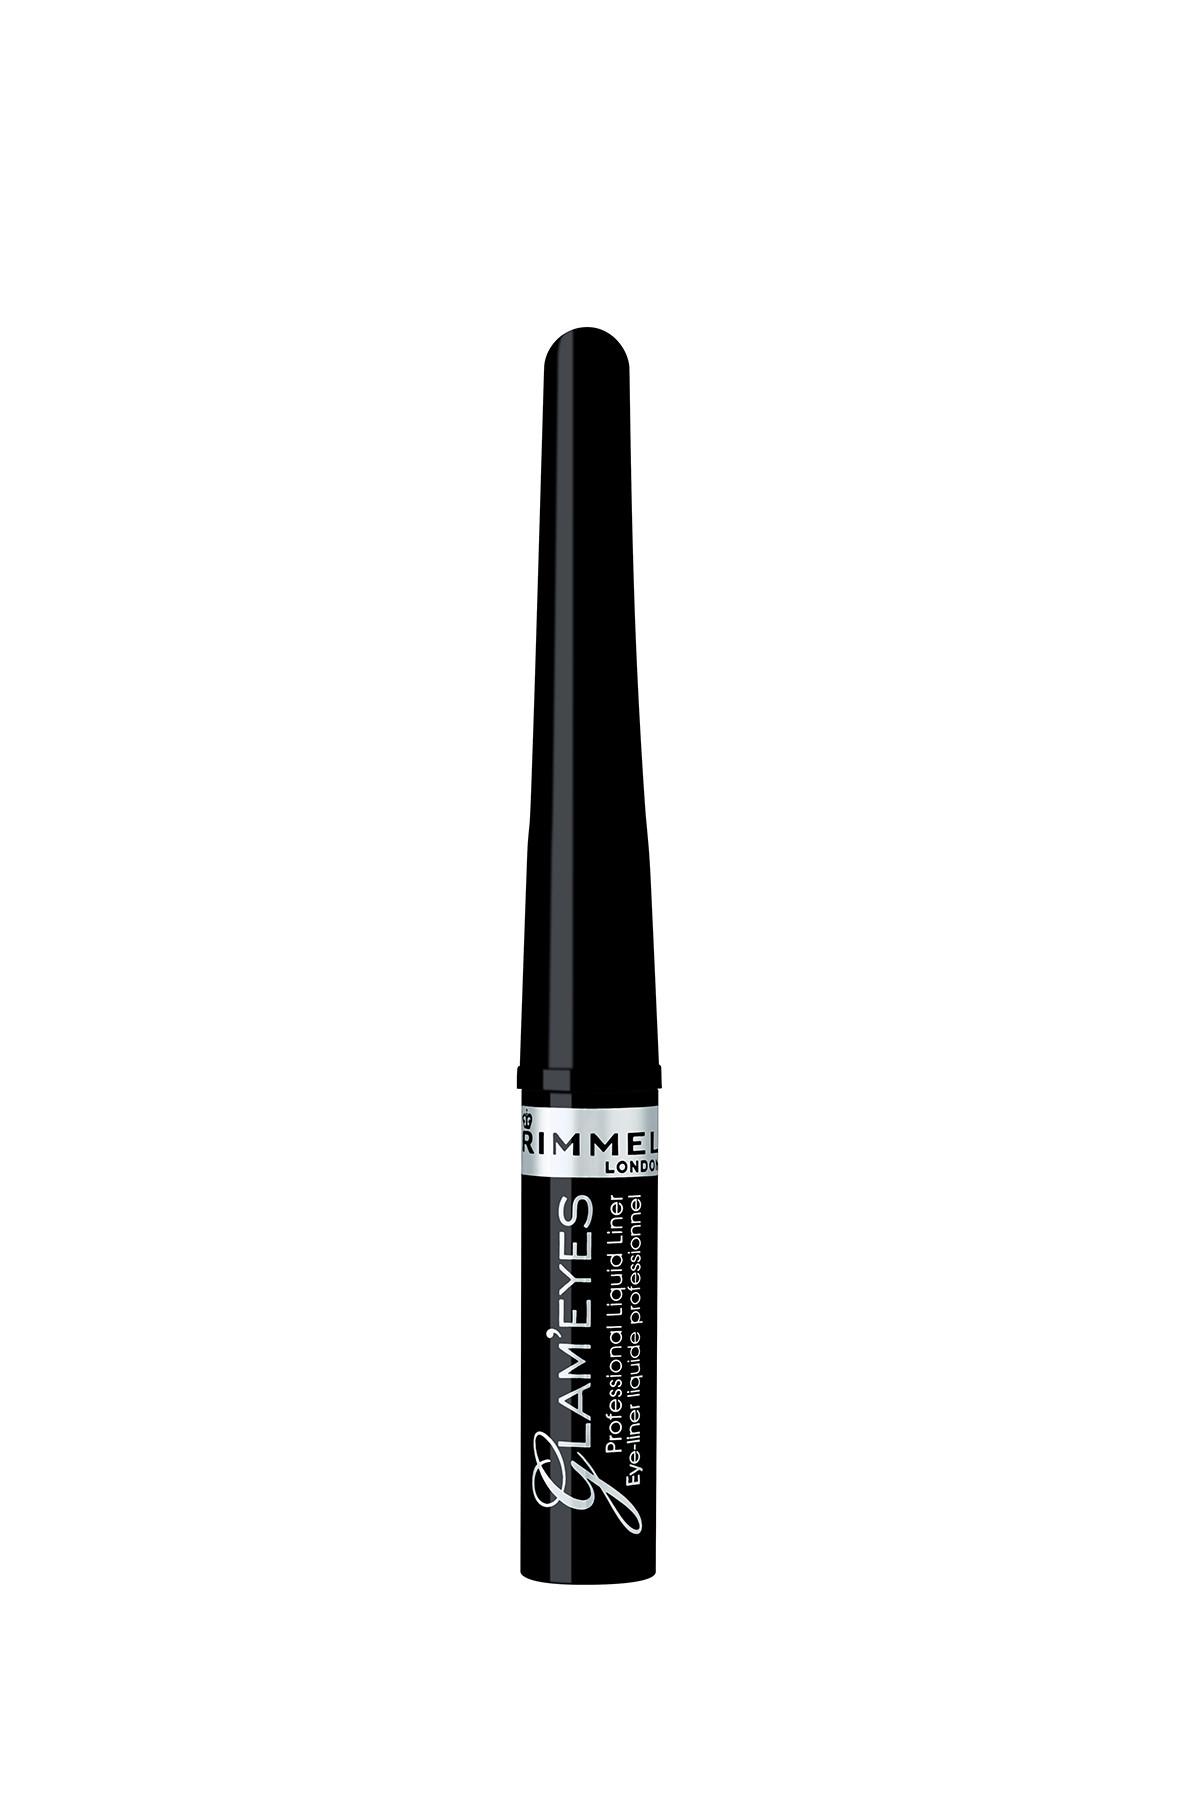 RIMMEL LONDON Siyah Eyeliner - Glam'Eyes Professional Liquid Eyeliner Black Glamour 3607344174083 2